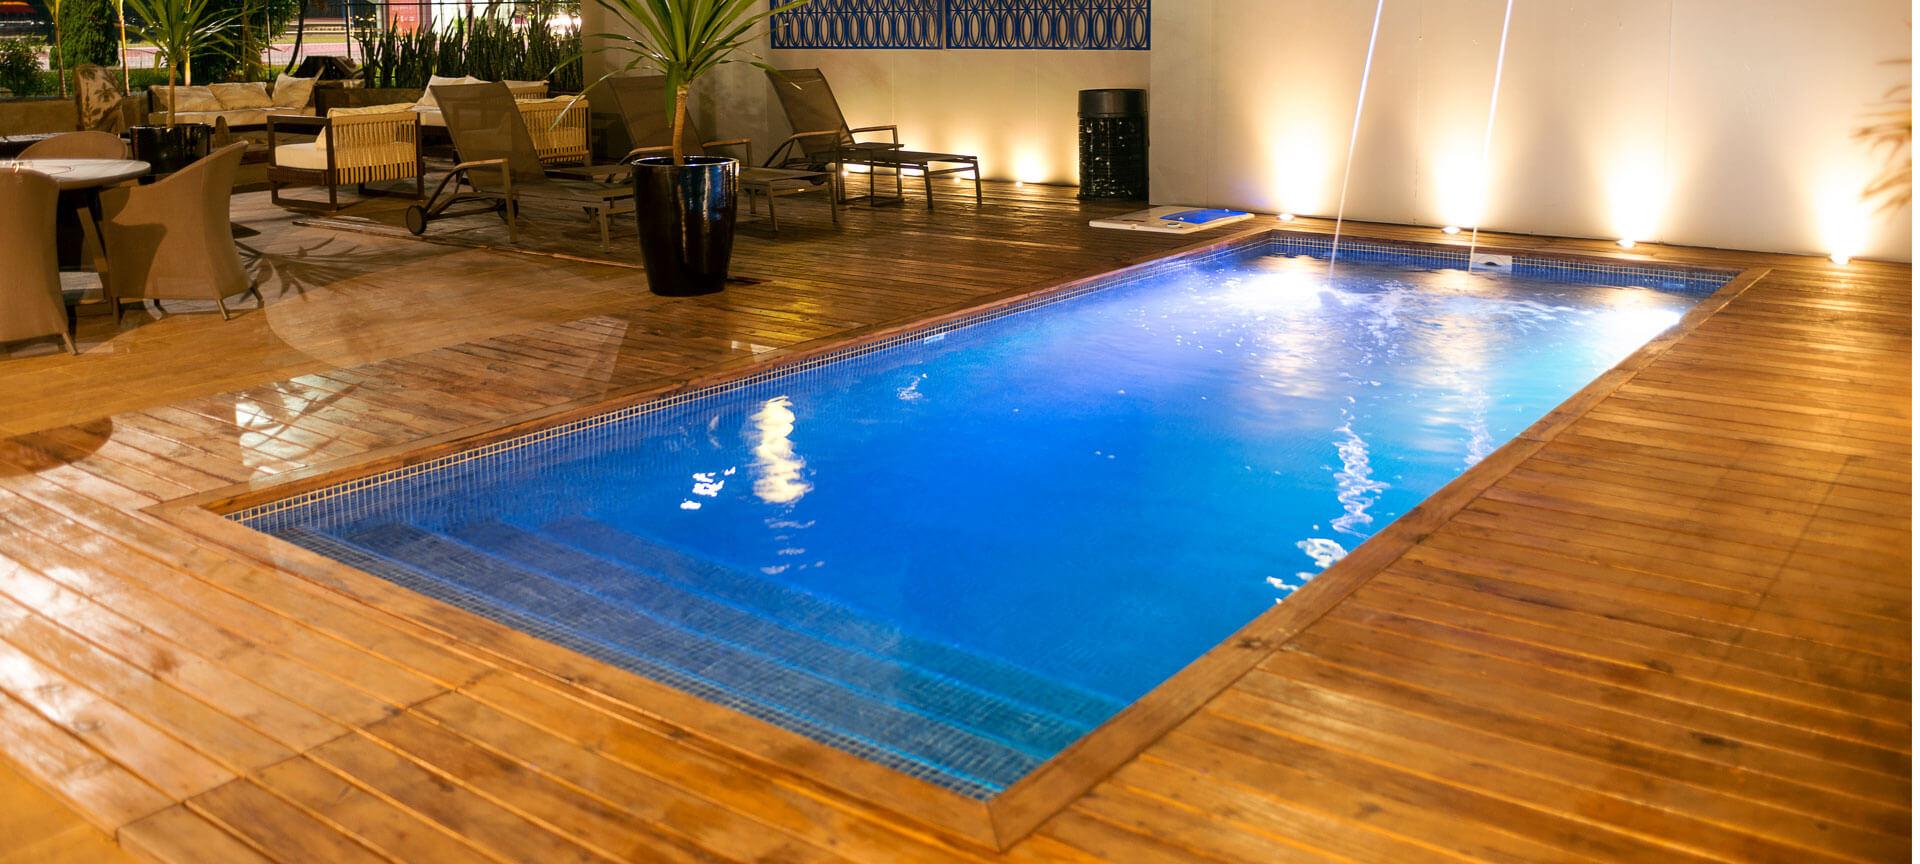 Vit ria es 2016 unlimited a sua piscina for Piscinas vitoria